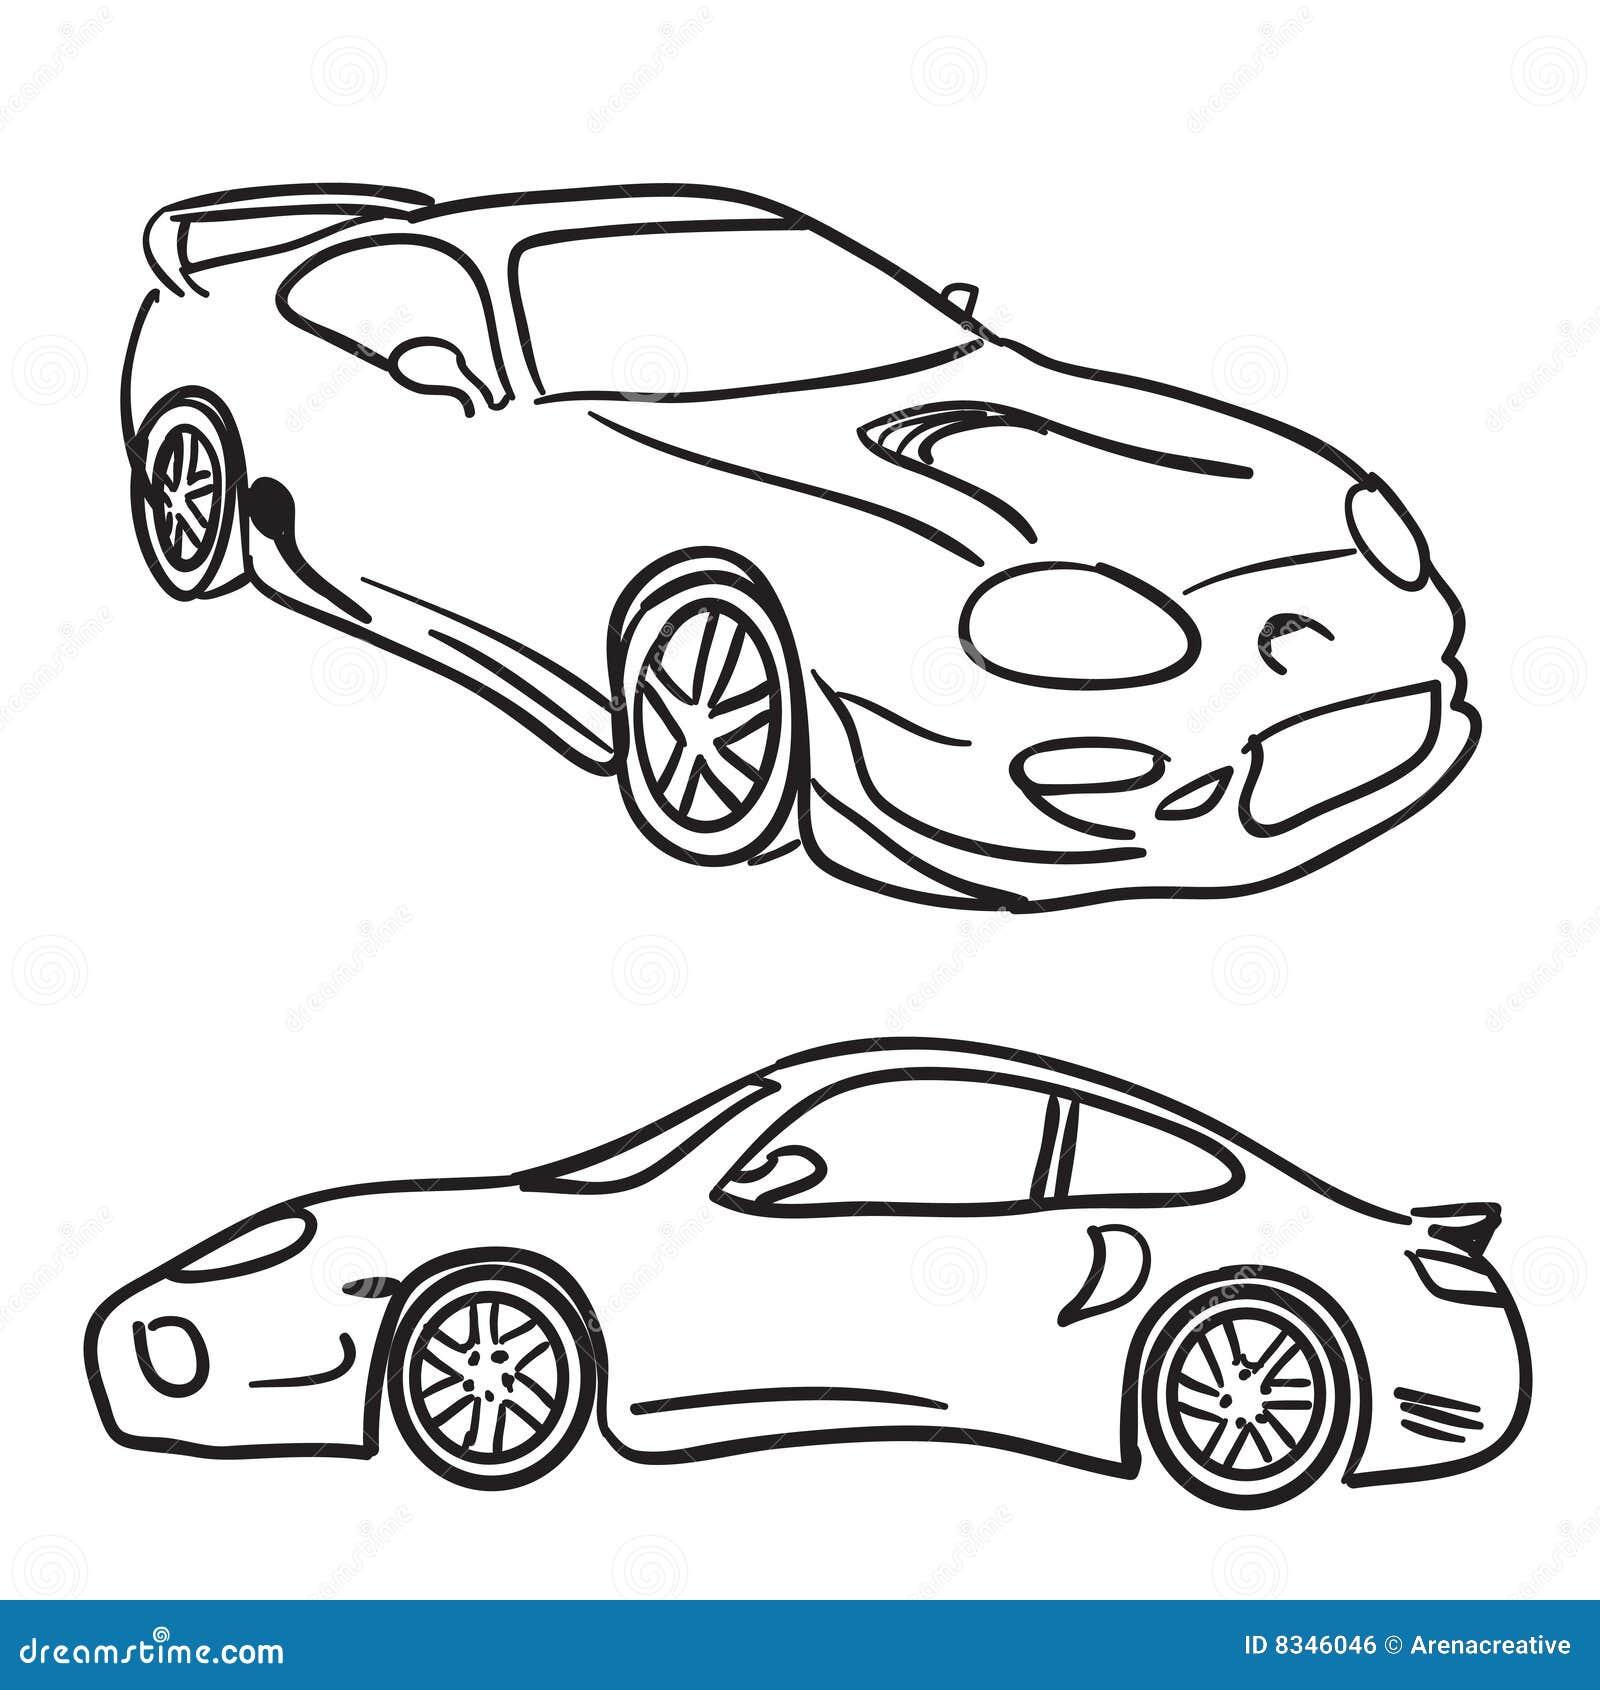 sportautoskizzen vektor abbildung illustration von